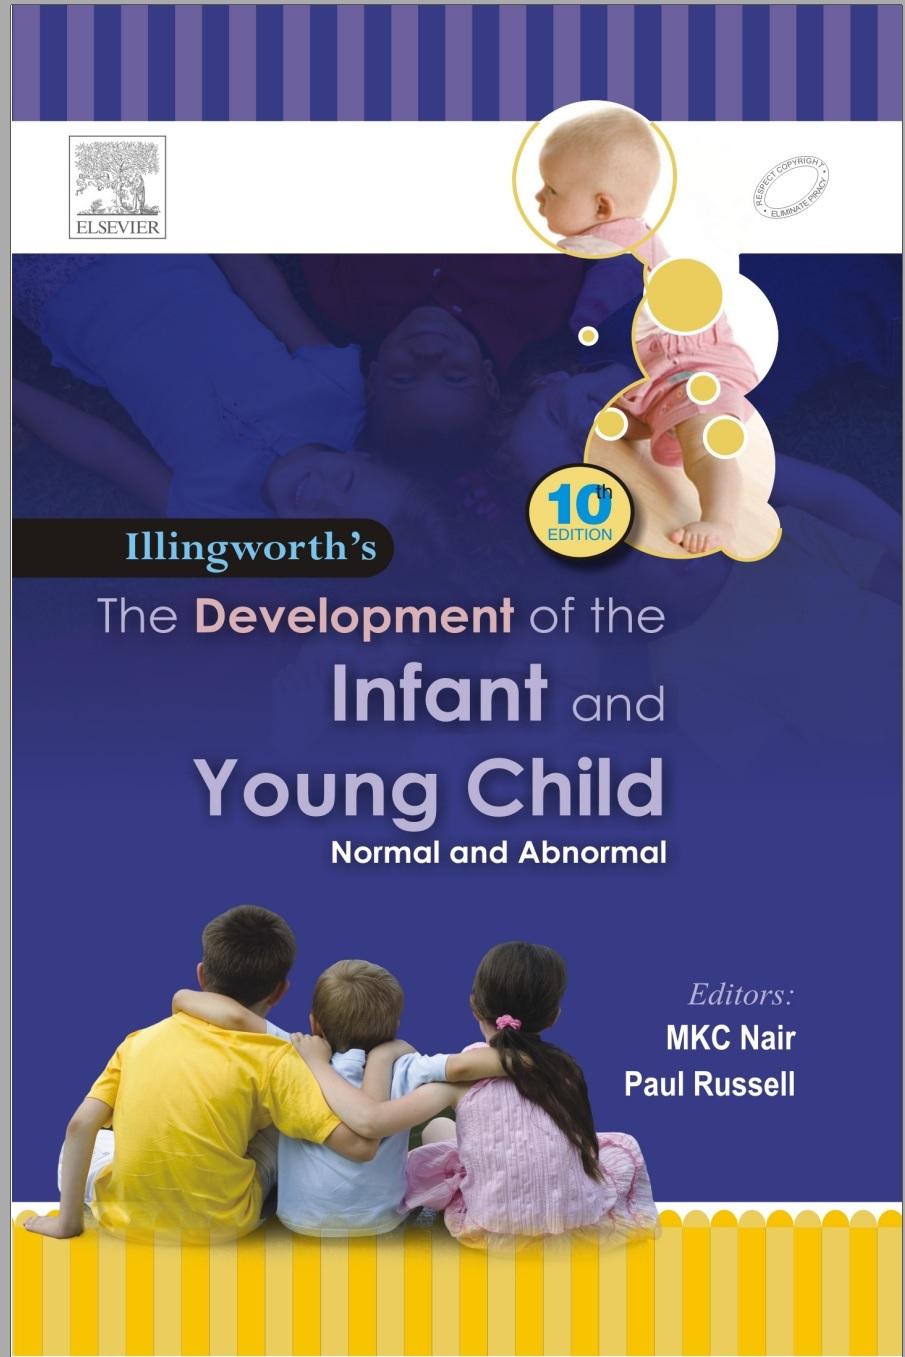 ninitest.com      کتاب تکامل شیرخواران و کودکان :طبیعی و غیر طبیعی را به تدریج ترجمه و برروی وب سایت منتشر می کنیم .